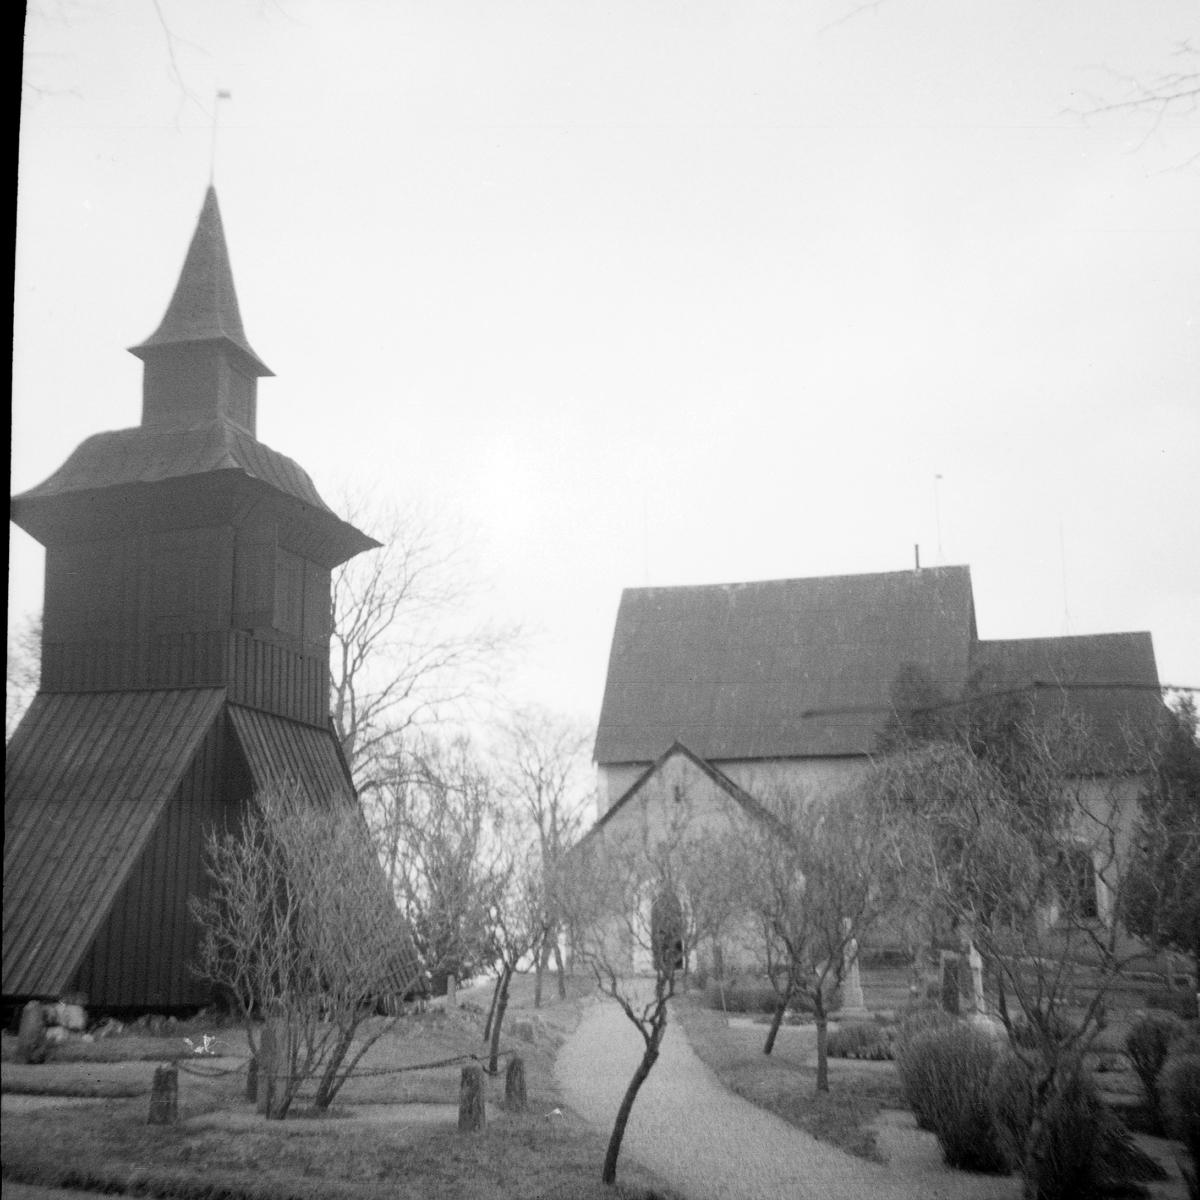 Markim kyrka